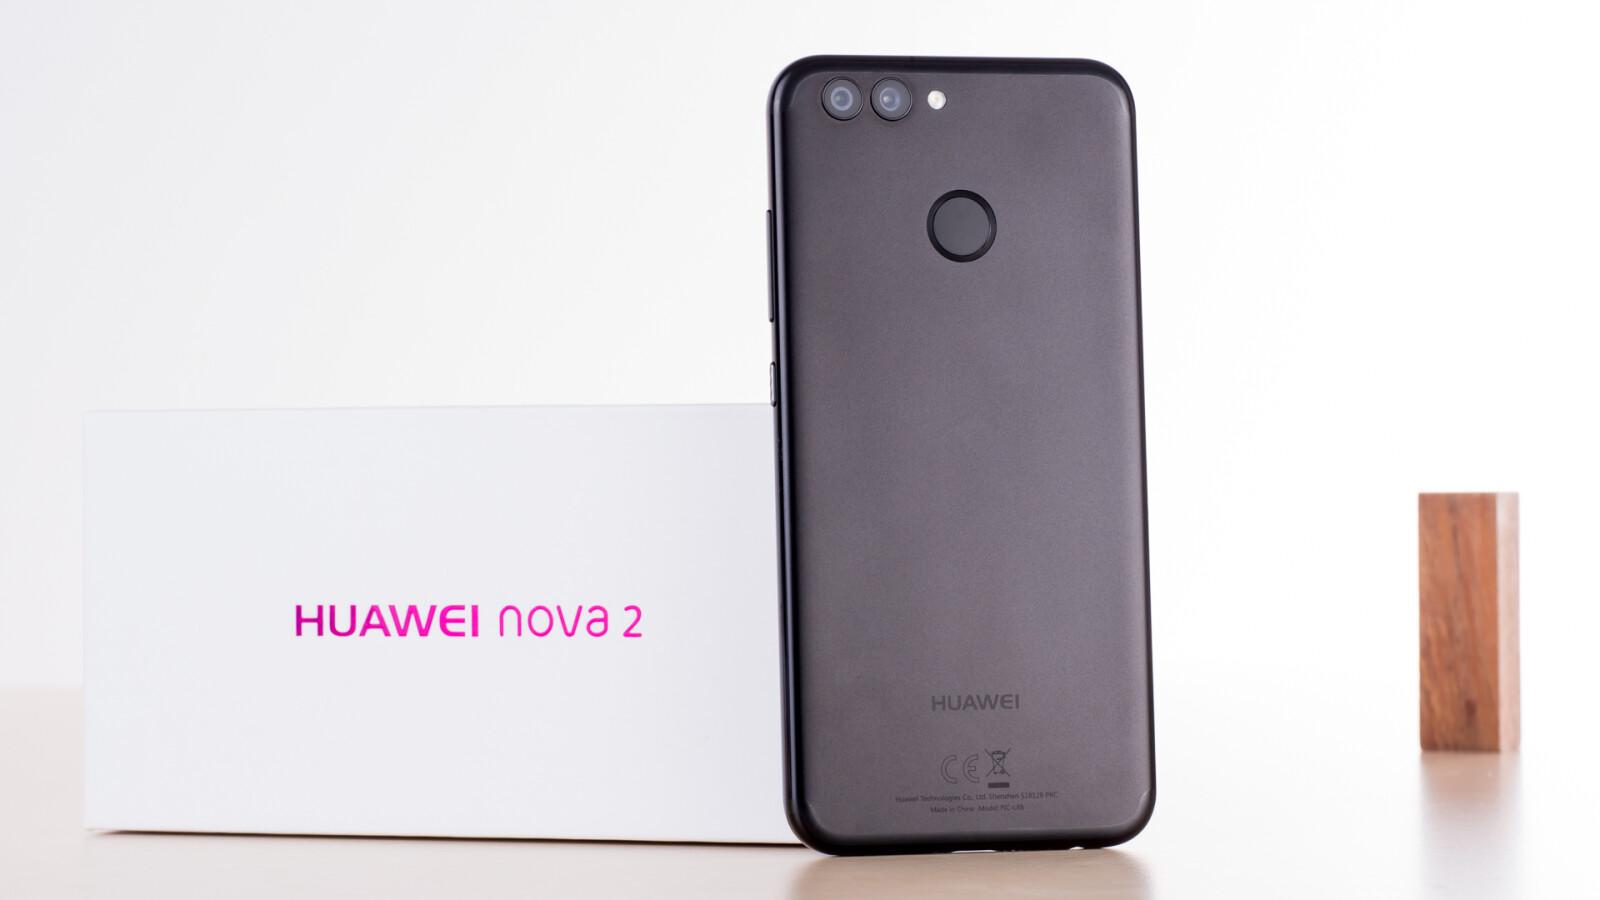 huawei nova 2 f r 279 euro bei aldi lohnt sich der kauf des smartphones netzwelt. Black Bedroom Furniture Sets. Home Design Ideas